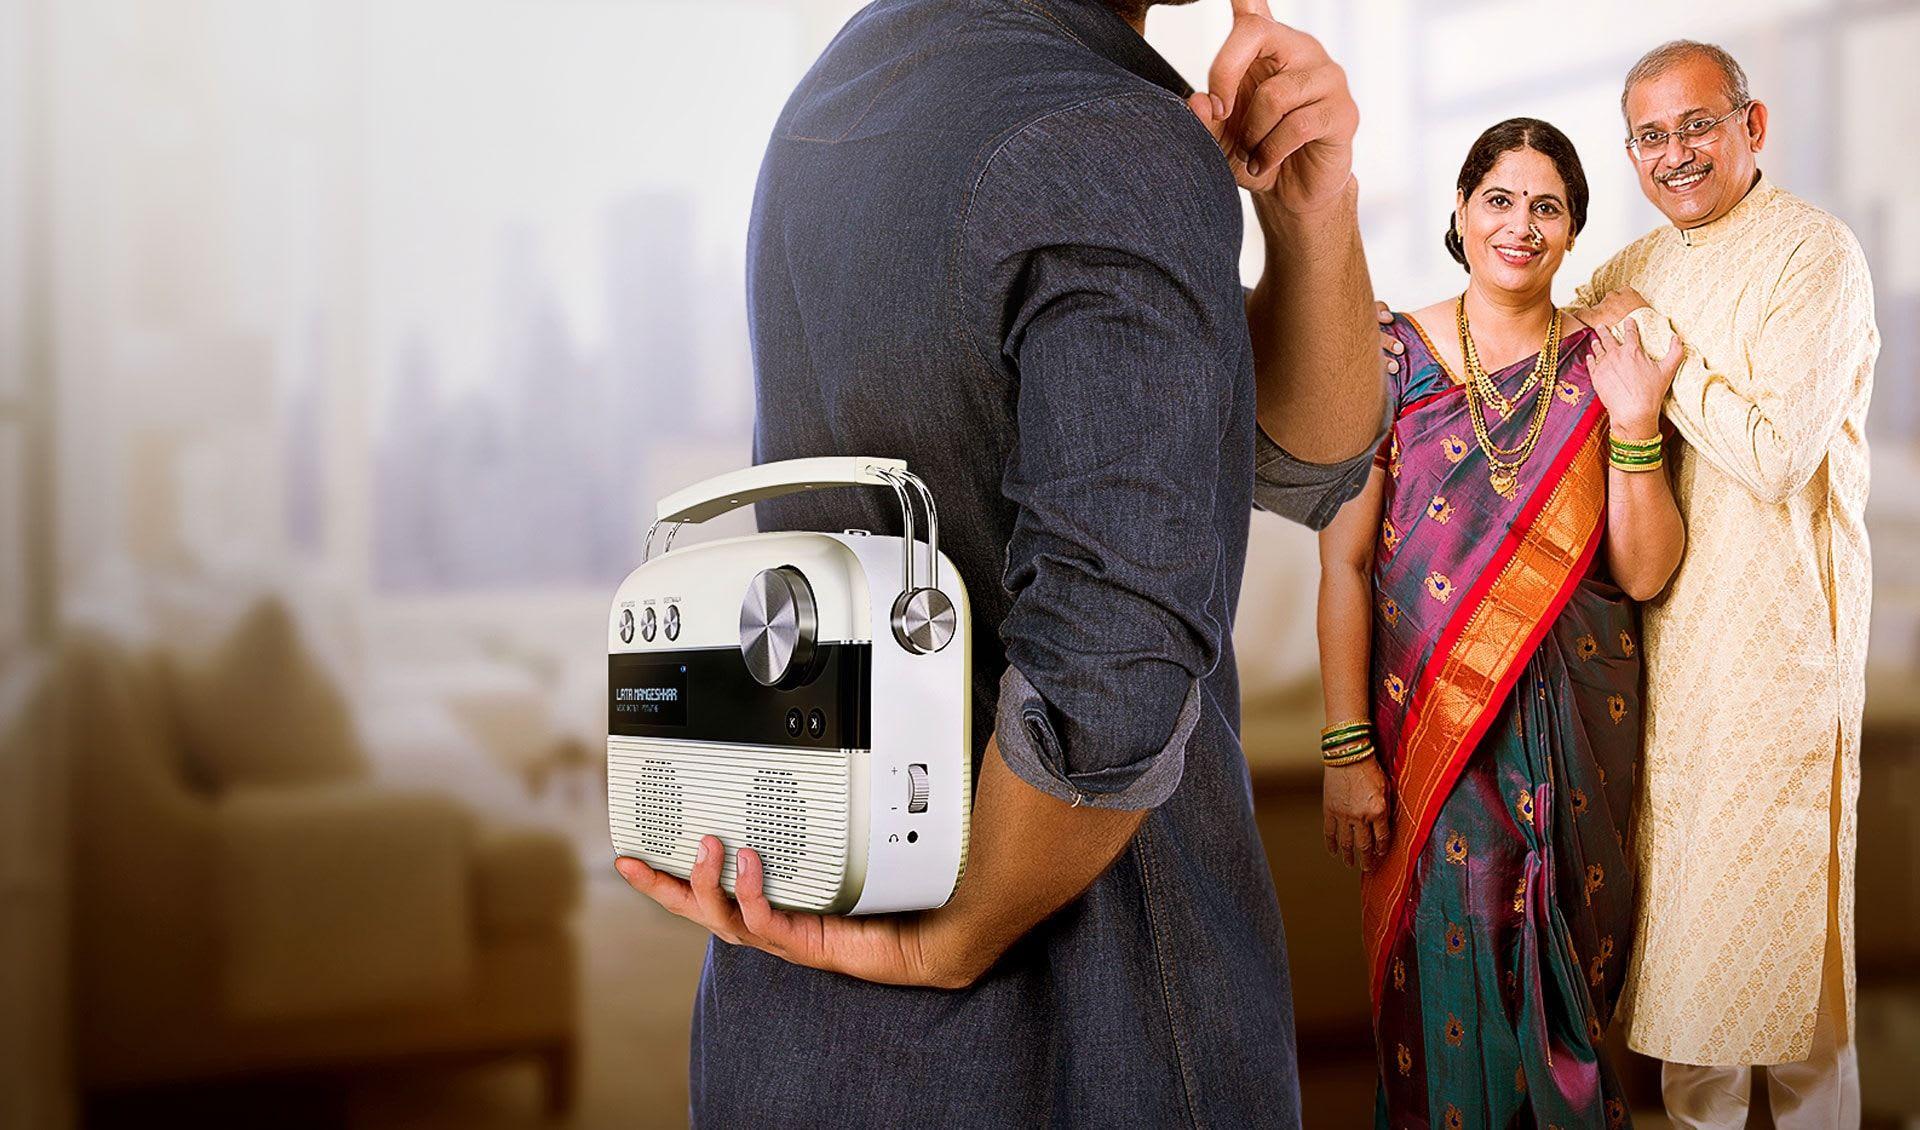 son gifting saregama marathi carvaan to parents